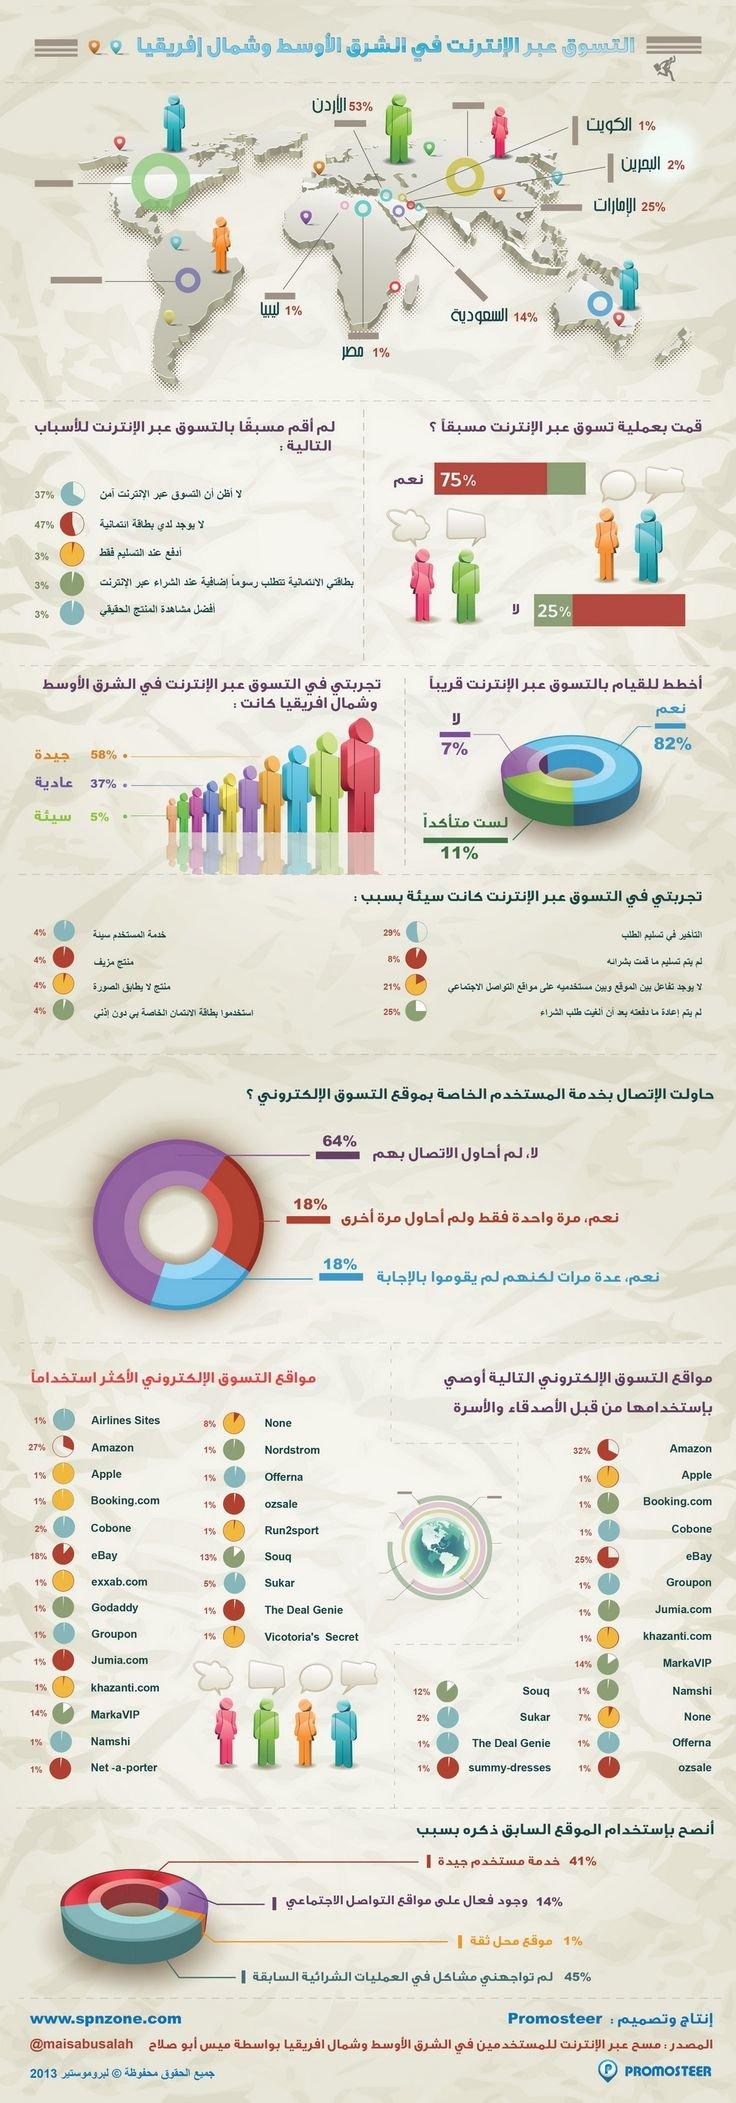 التسوق عبر الإنترنت في الشرق الأوسط وشمال إفريقيا #انفوجرافيك